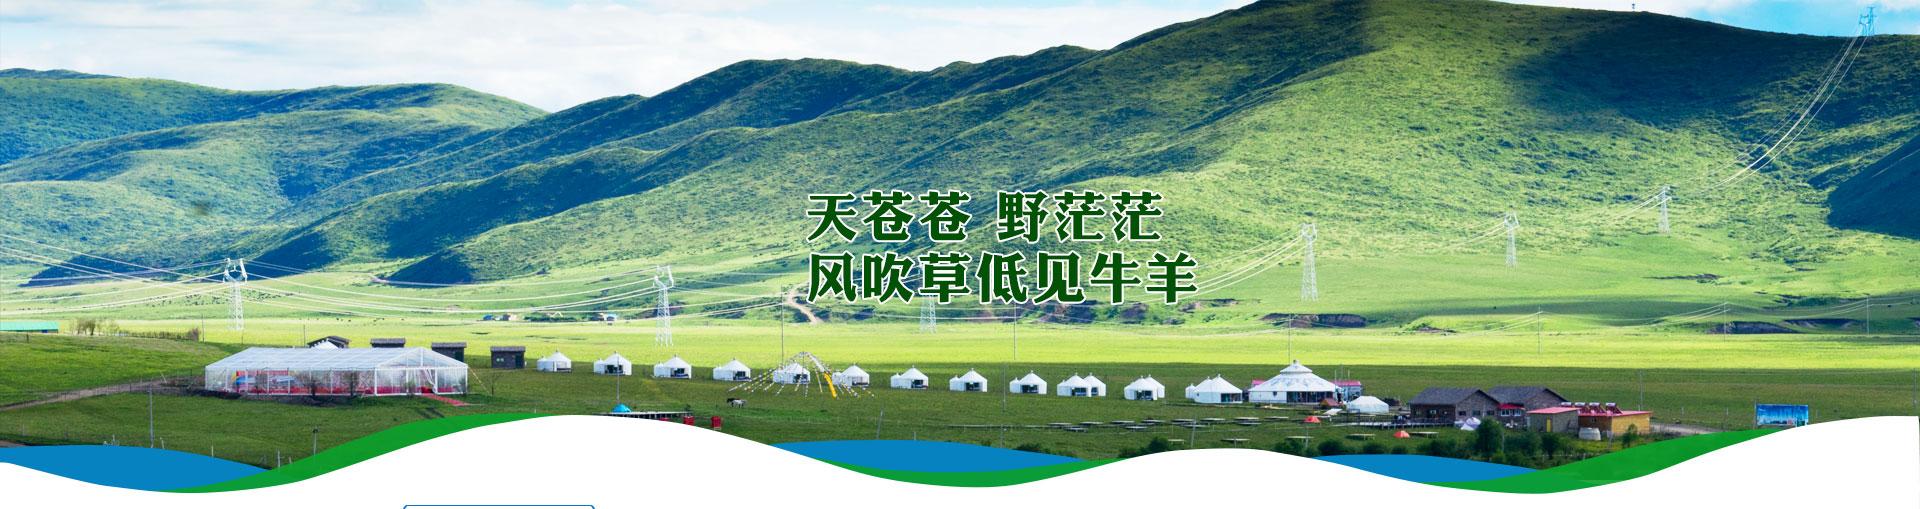 蒙古大营介绍